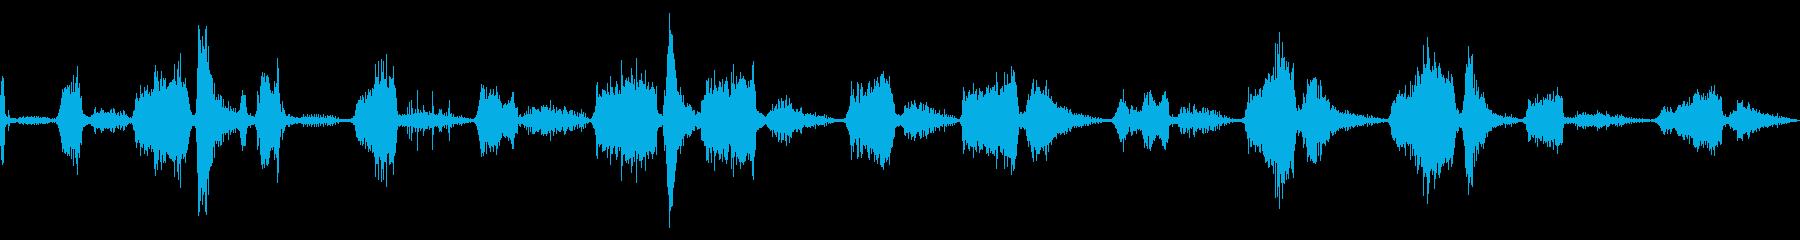 チャフスとスナール、キャットワイル...の再生済みの波形